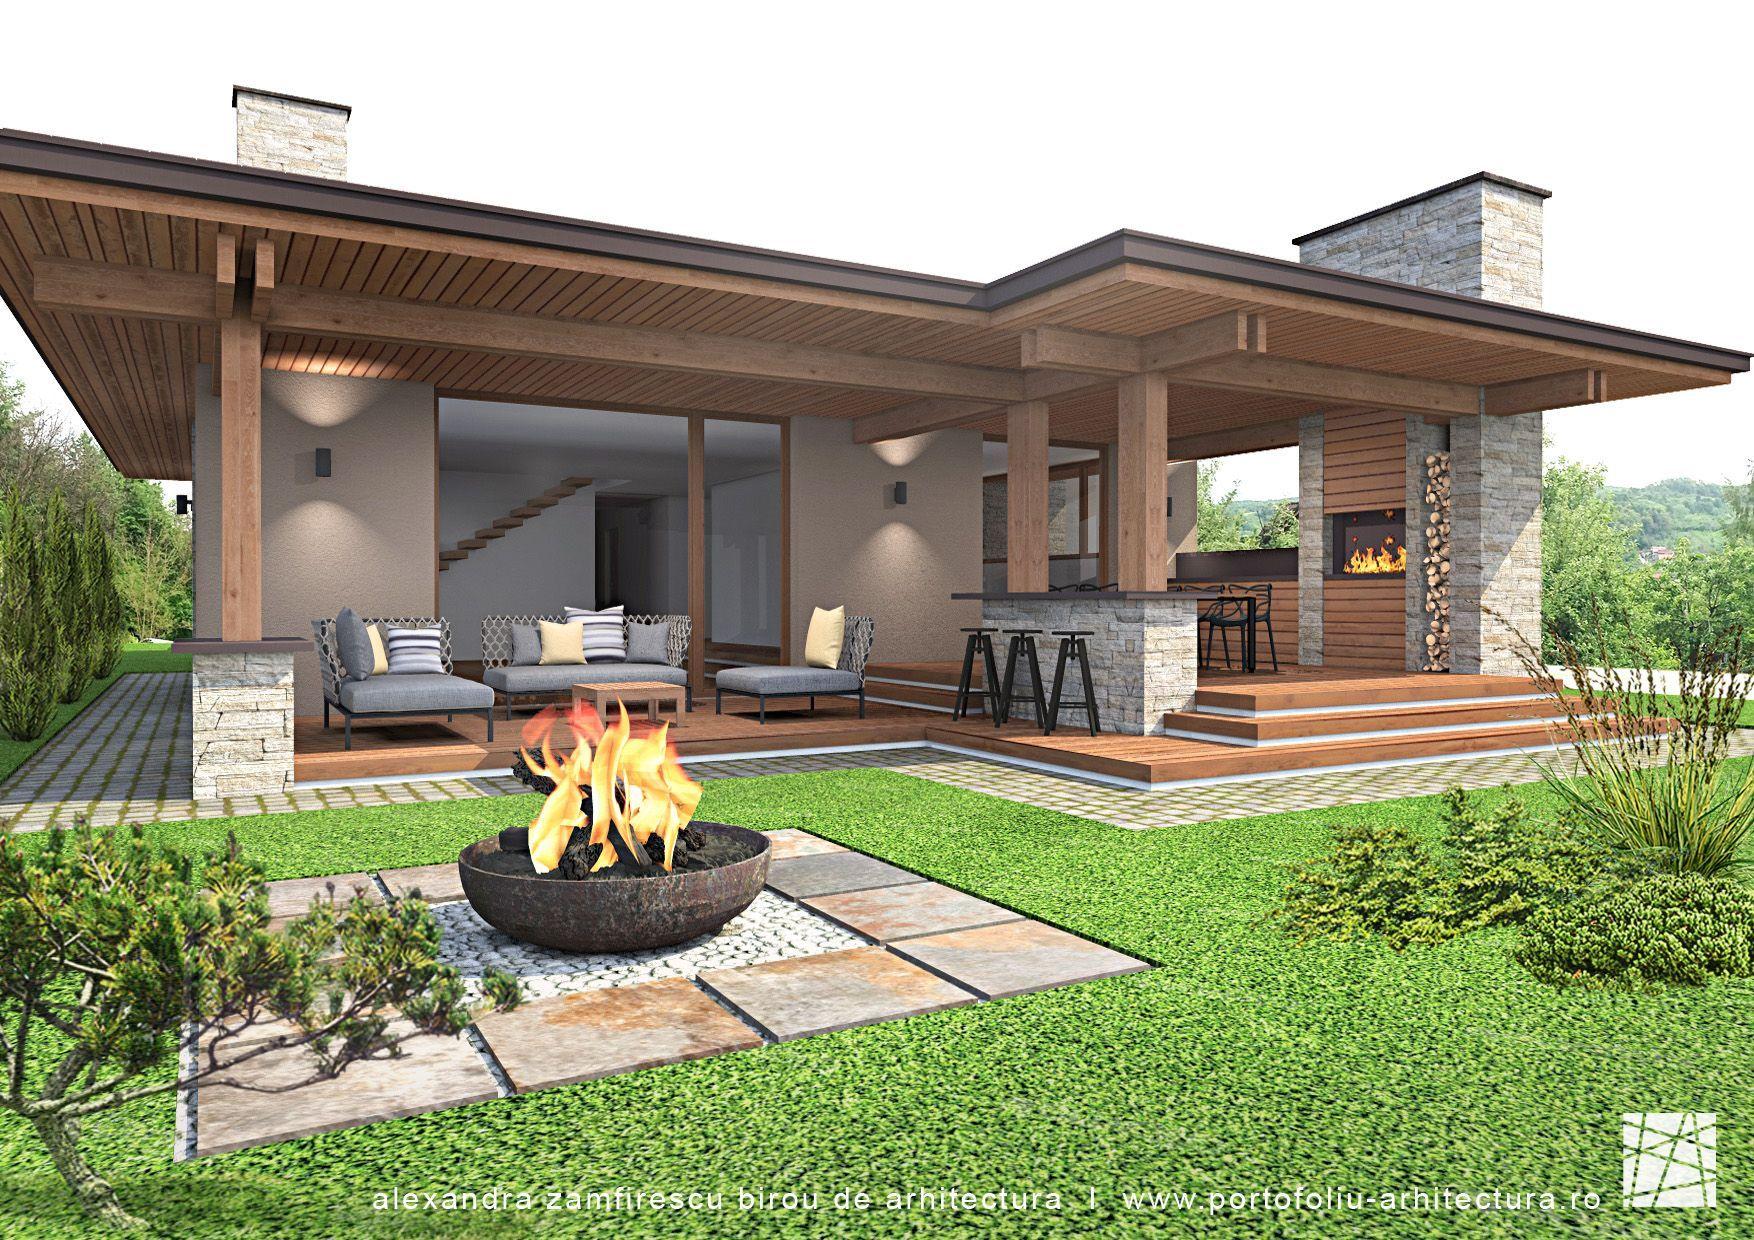 Notitle Casas Bonitas Fachadas De Casas Terreas Fachadas De Casas Interiores De Casas Backyard garden house plans